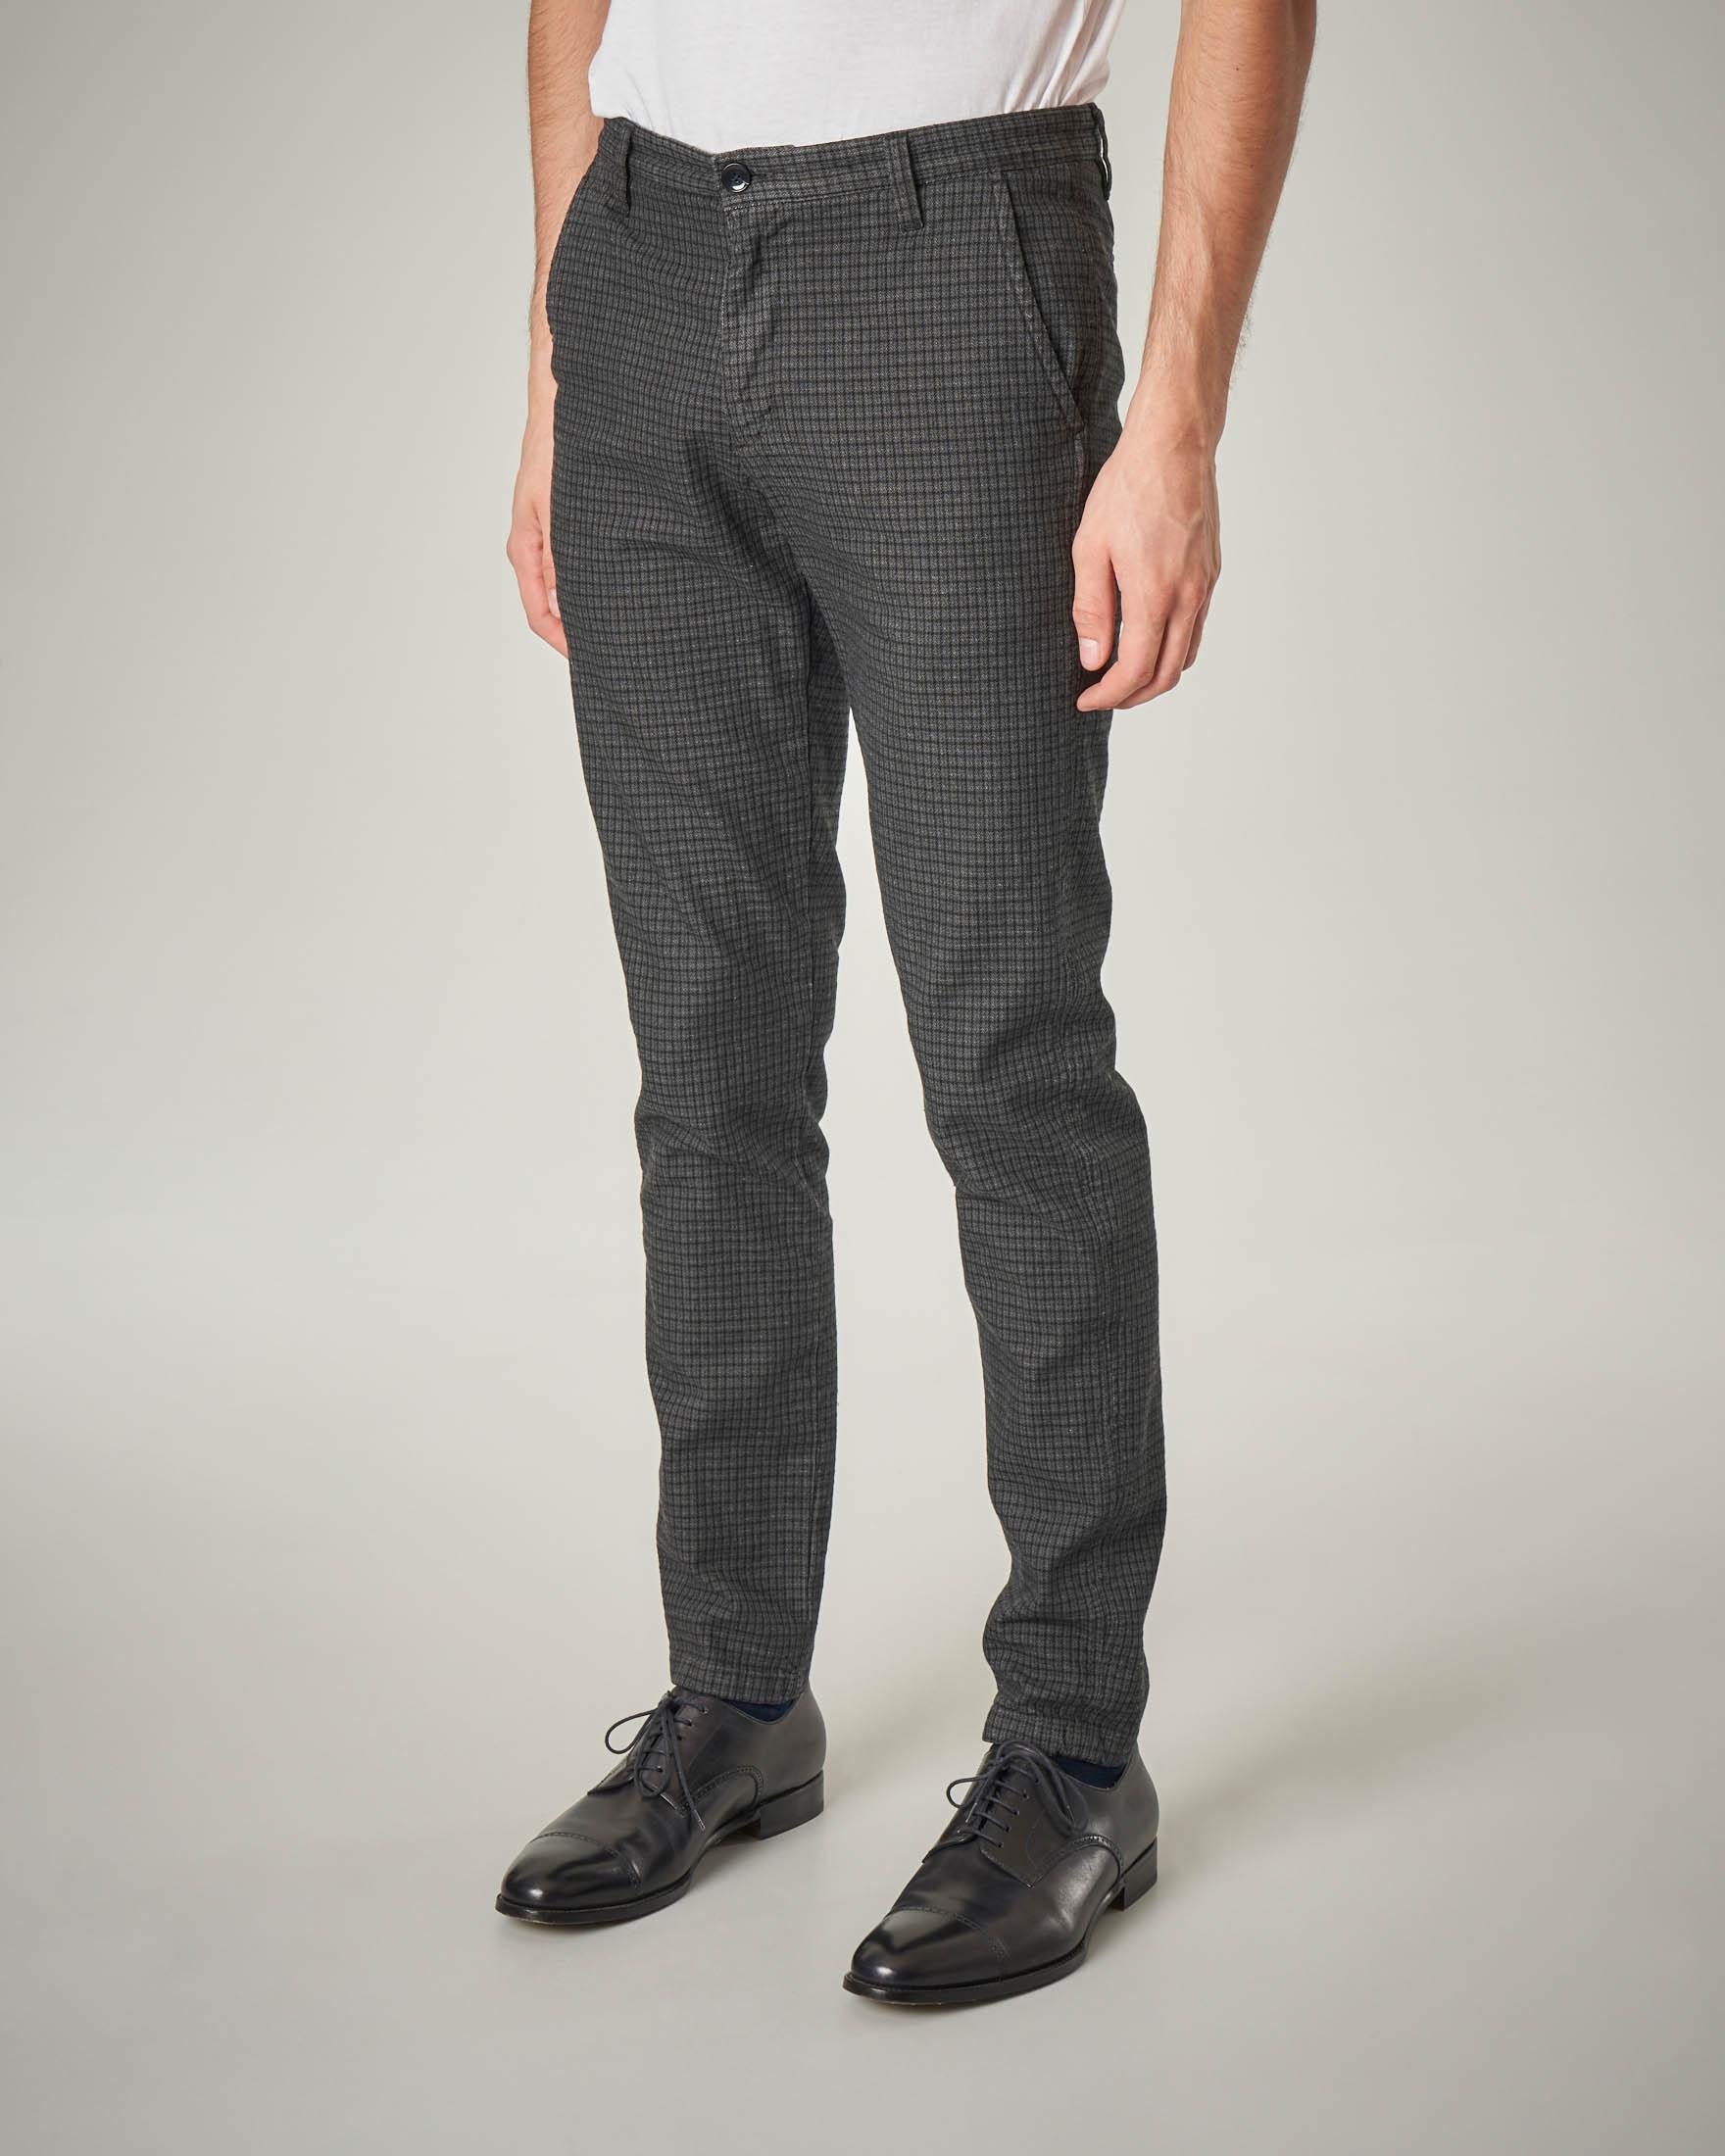 Pantalone chino grigio micro-quadretto